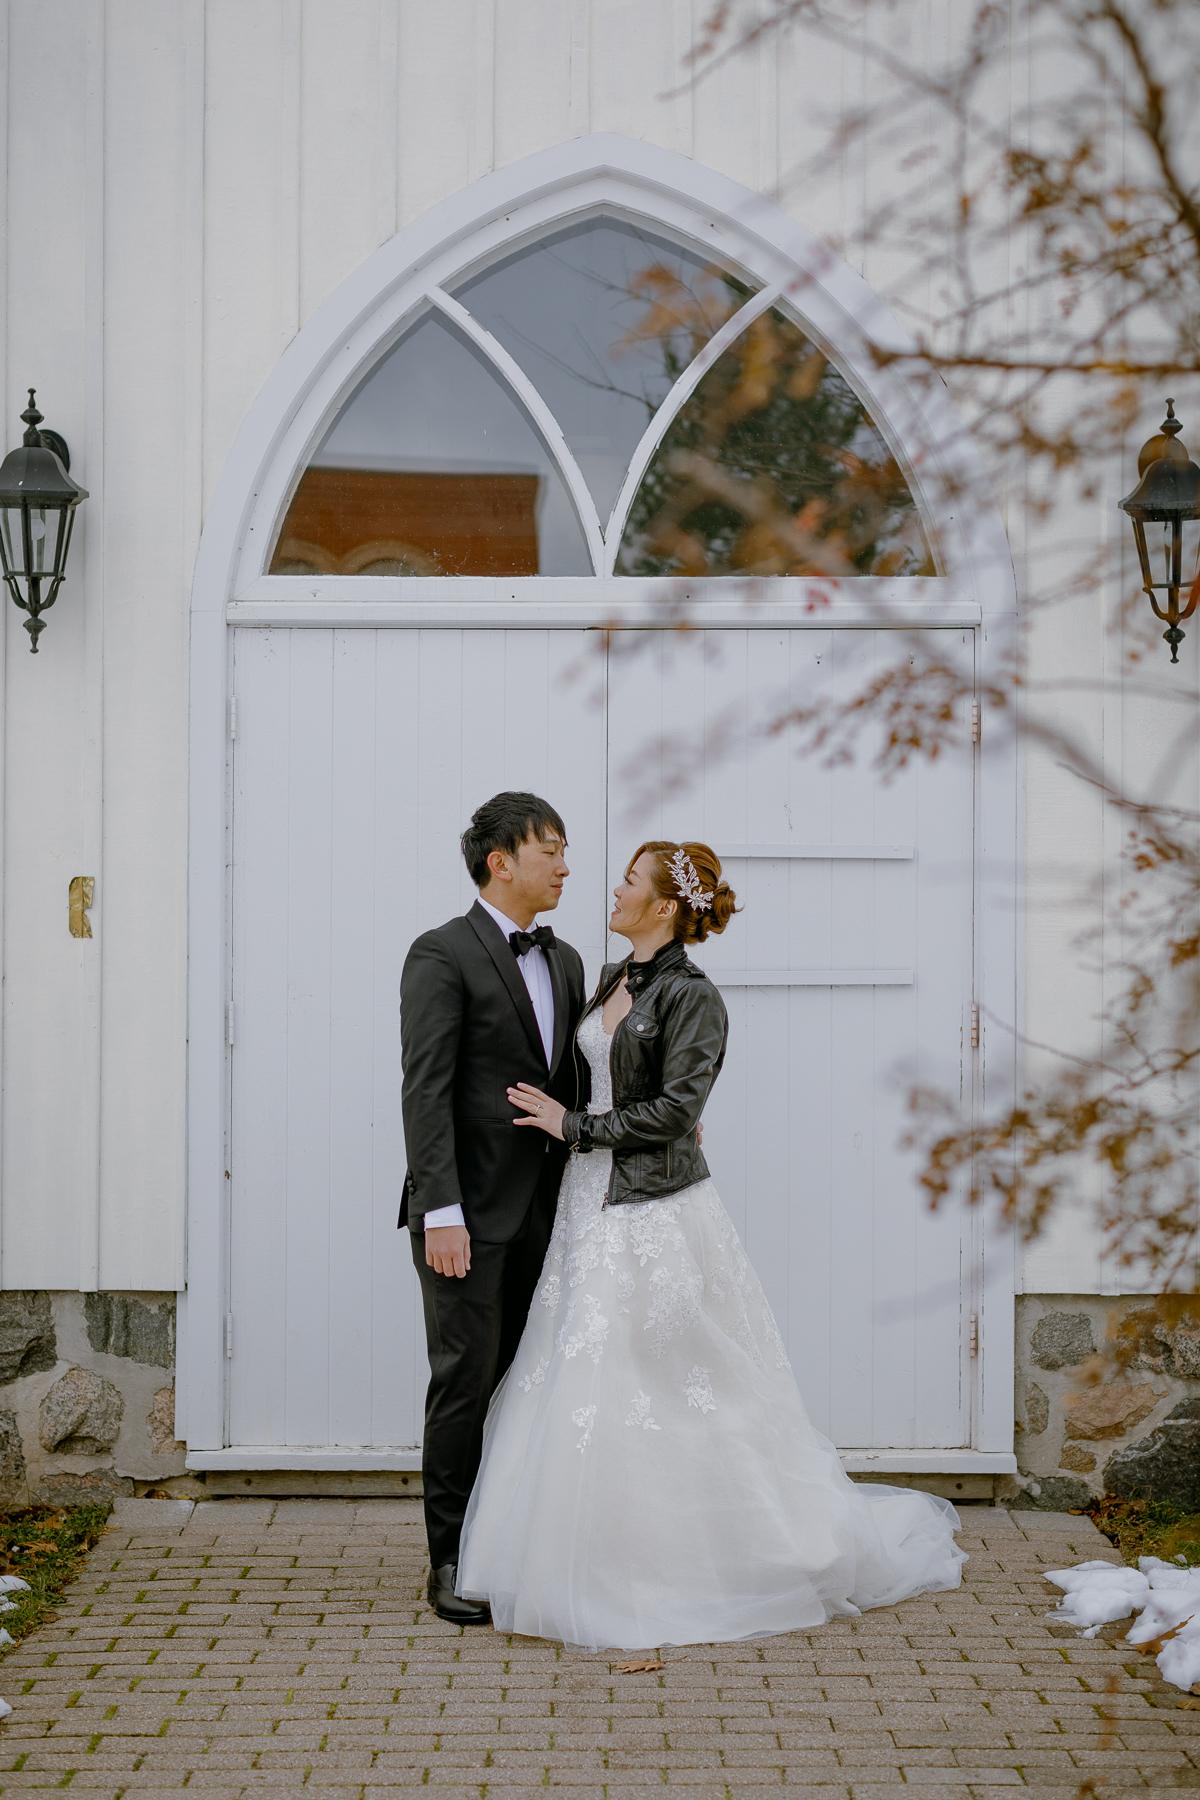 markham-wedding-photography-markham-museum-wedding 0016.jpg